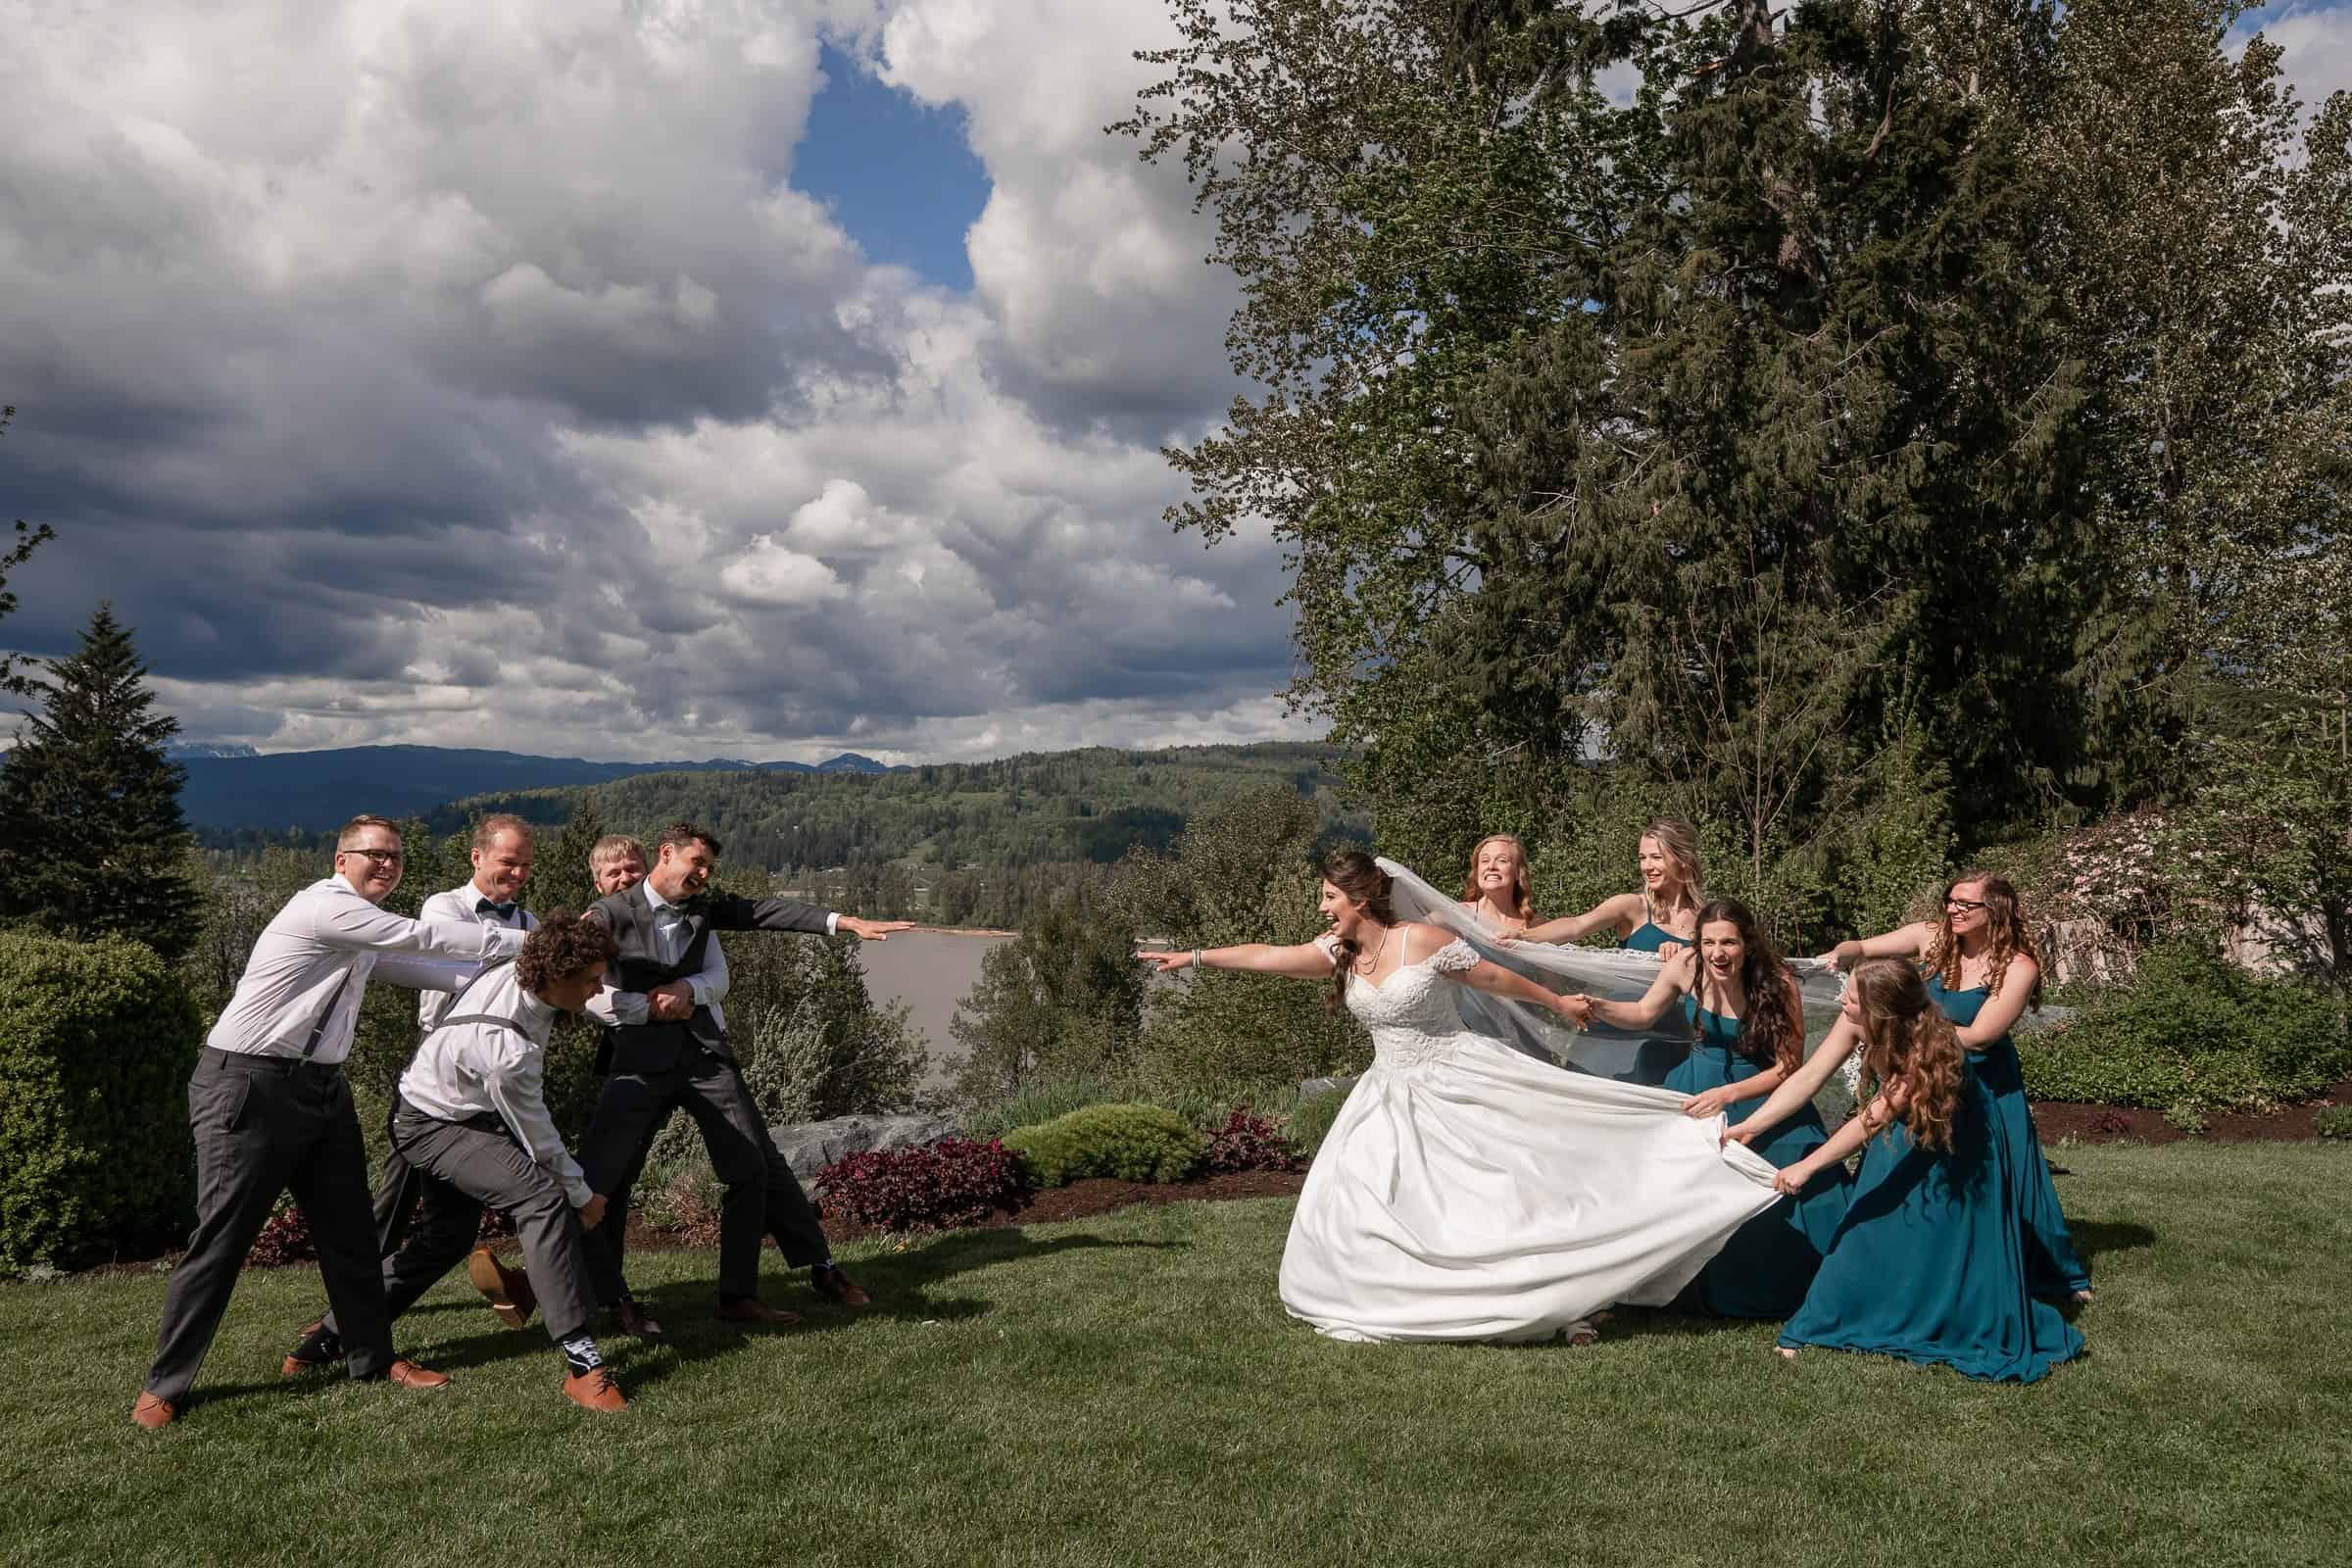 bridal party fun poses